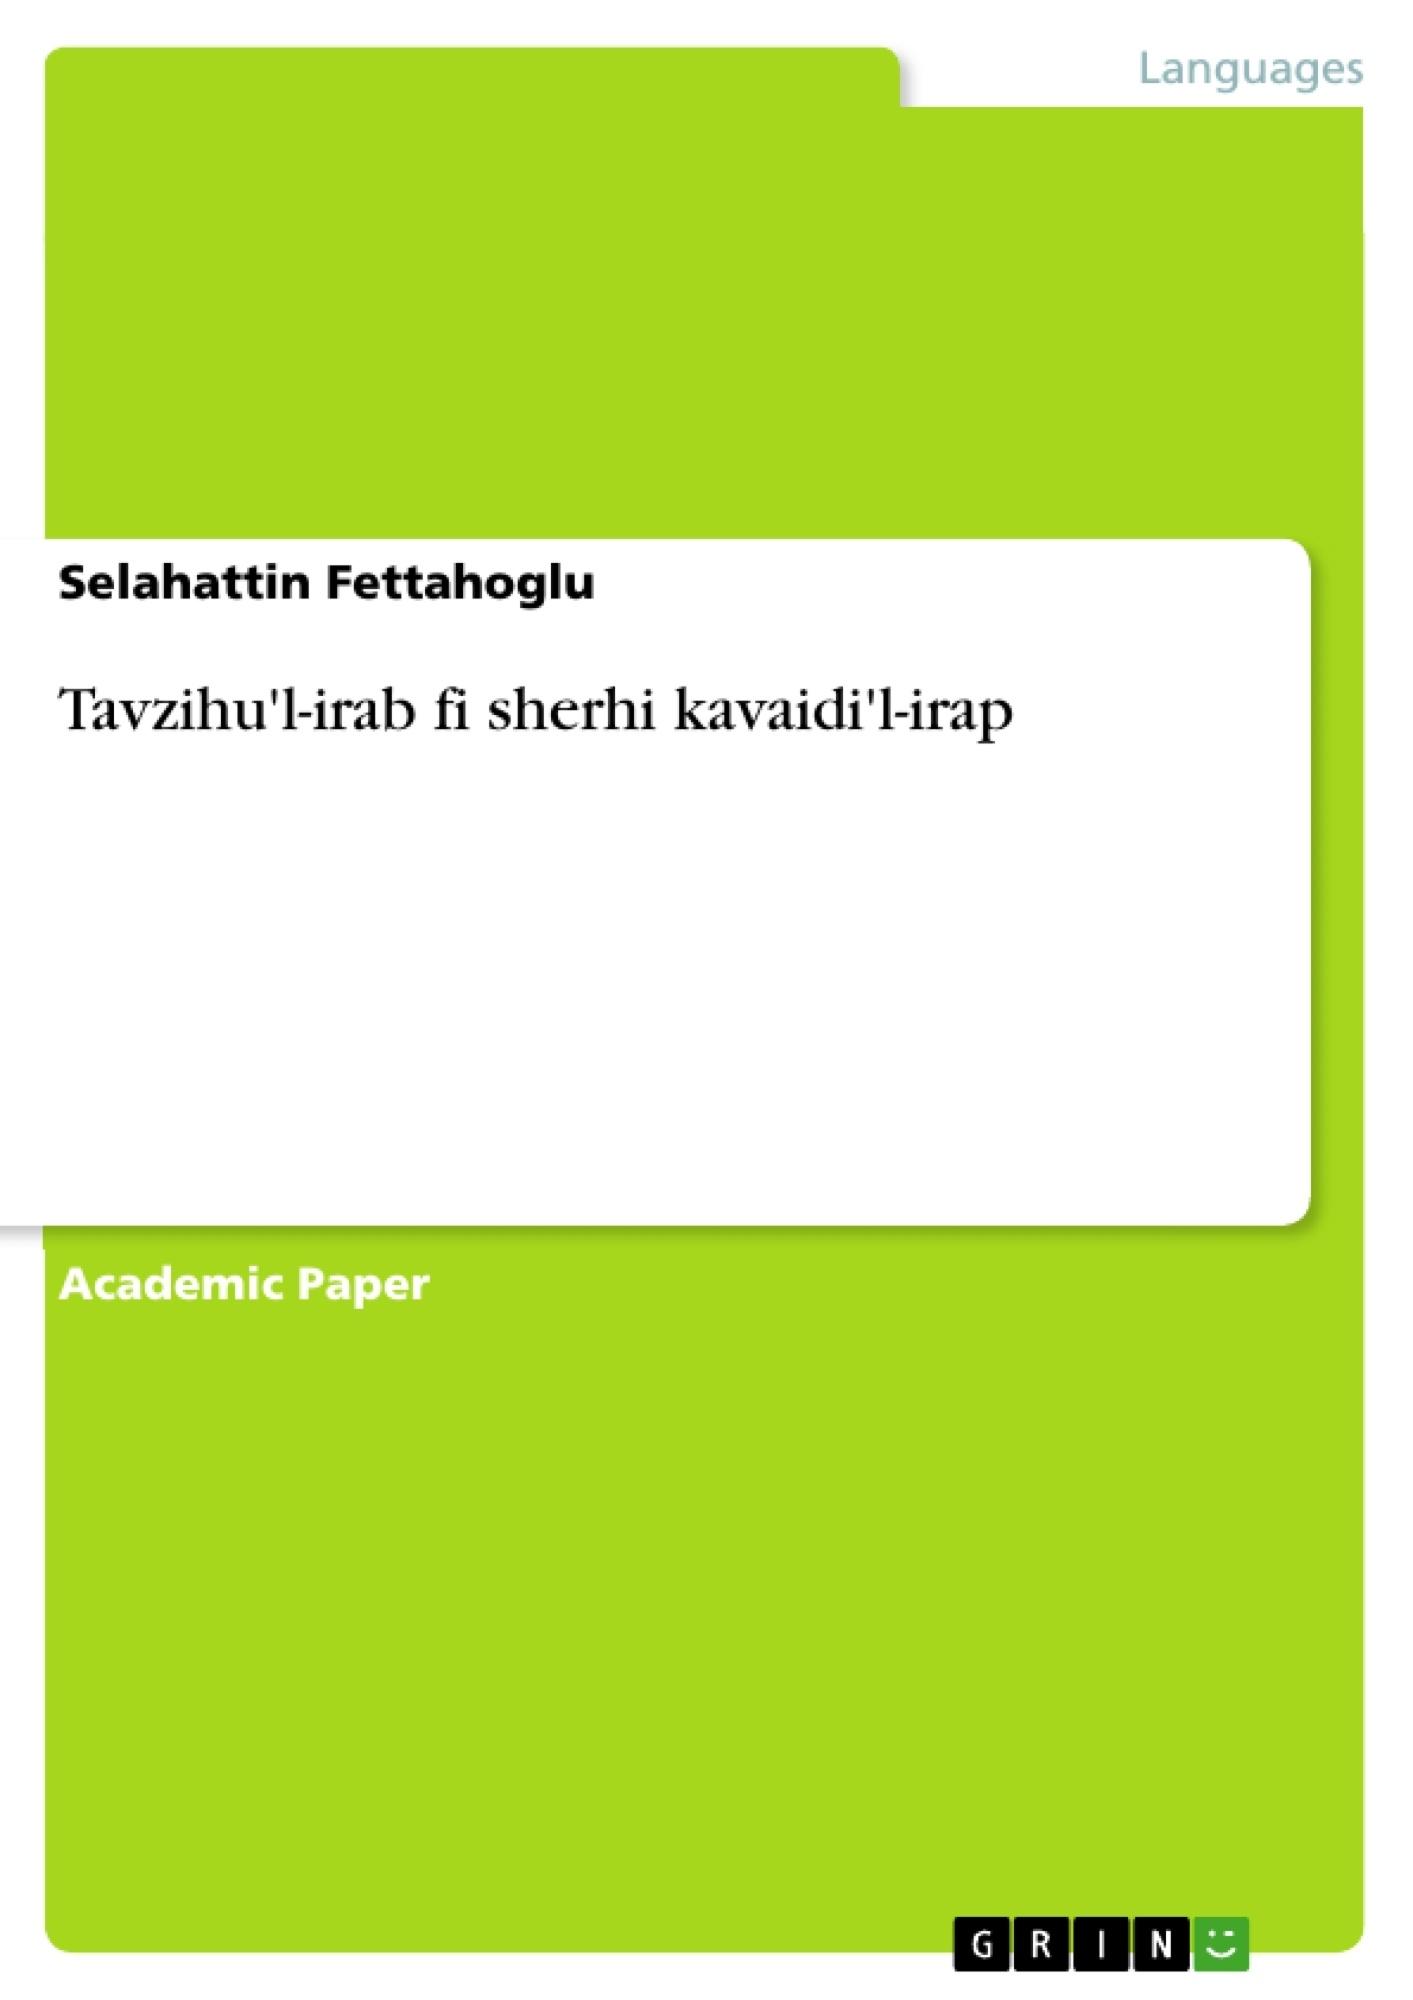 Title: Tavzihu'l-irab fi sherhi kavaidi'l-irap